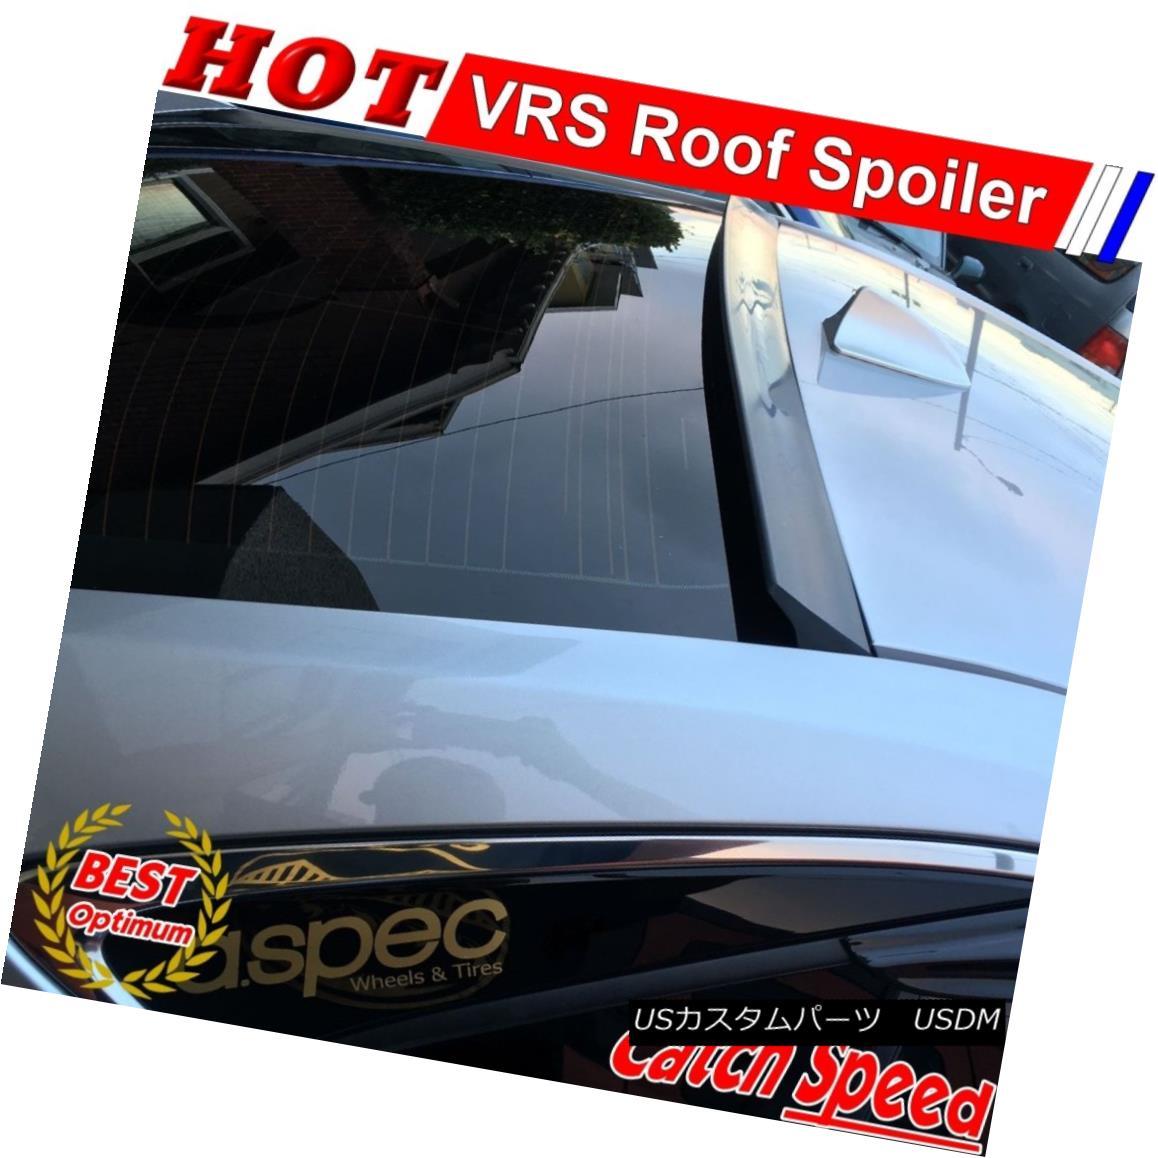 エアロパーツ Flat Black VRS Type Rear Roof Spoiler For KIA Forte LPI Hybrid Sedan 2009-2013 KIA Forte LPI Hybrid Sedan 2009-2013用フラットブラックVRSタイプリアルーフスポイラー